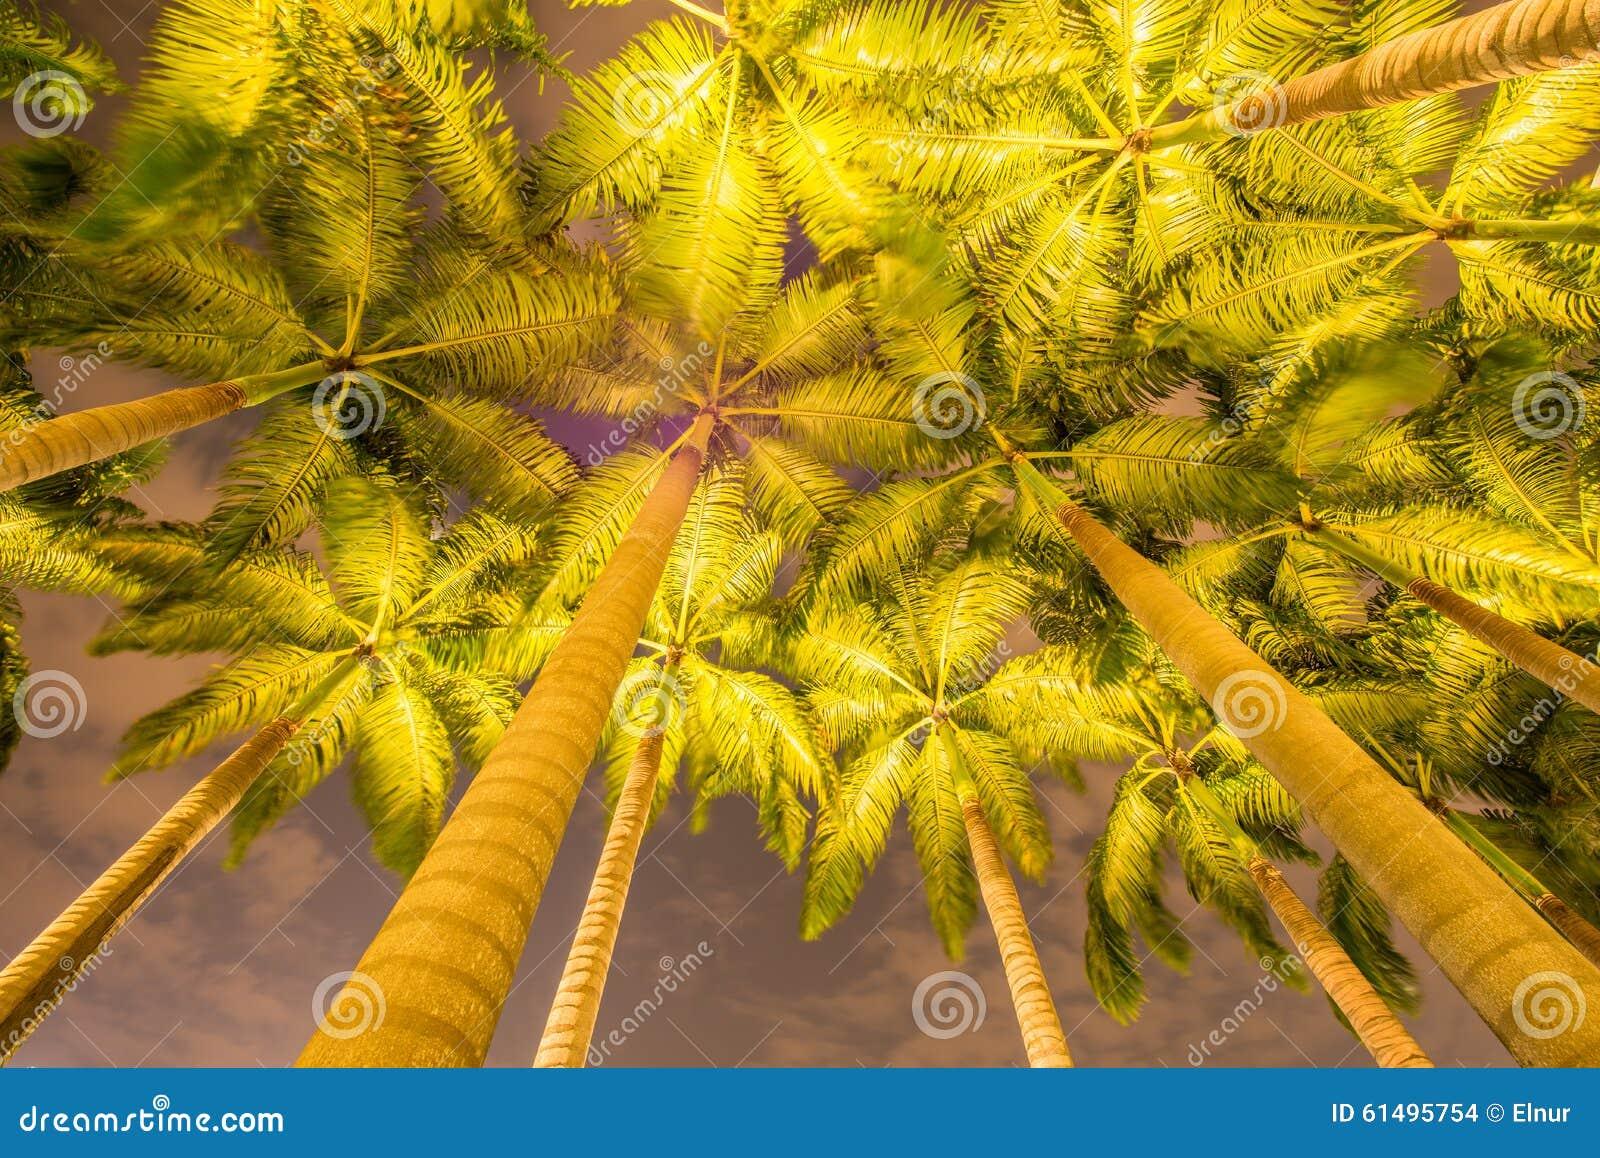 Les palmiers pendant les heures de coucher du soleil photo stock image du coconut horizontal - Heures coucher du soleil ...